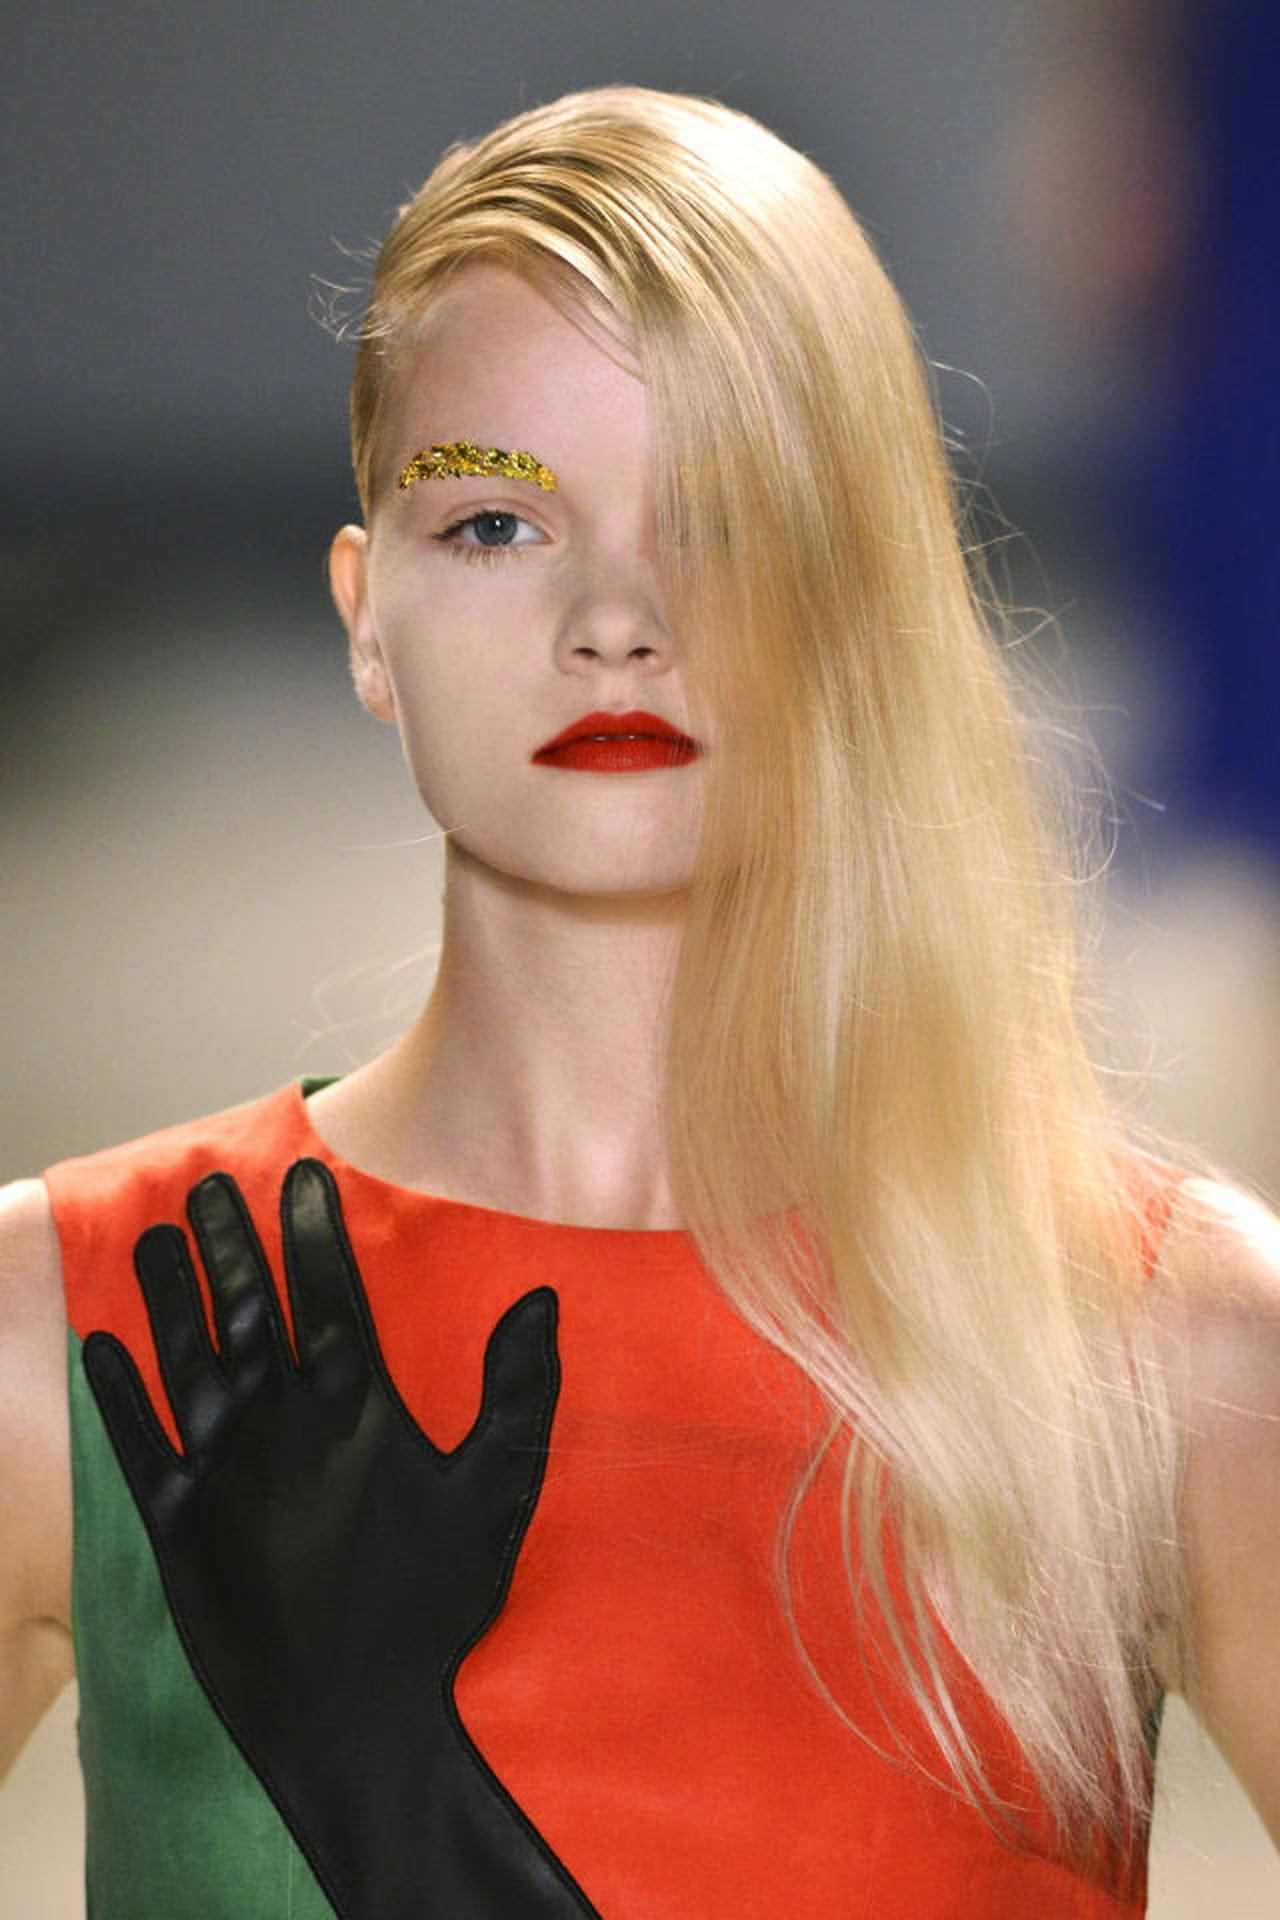 Tagli capelli lunghi: le acconciature di tendenza ...